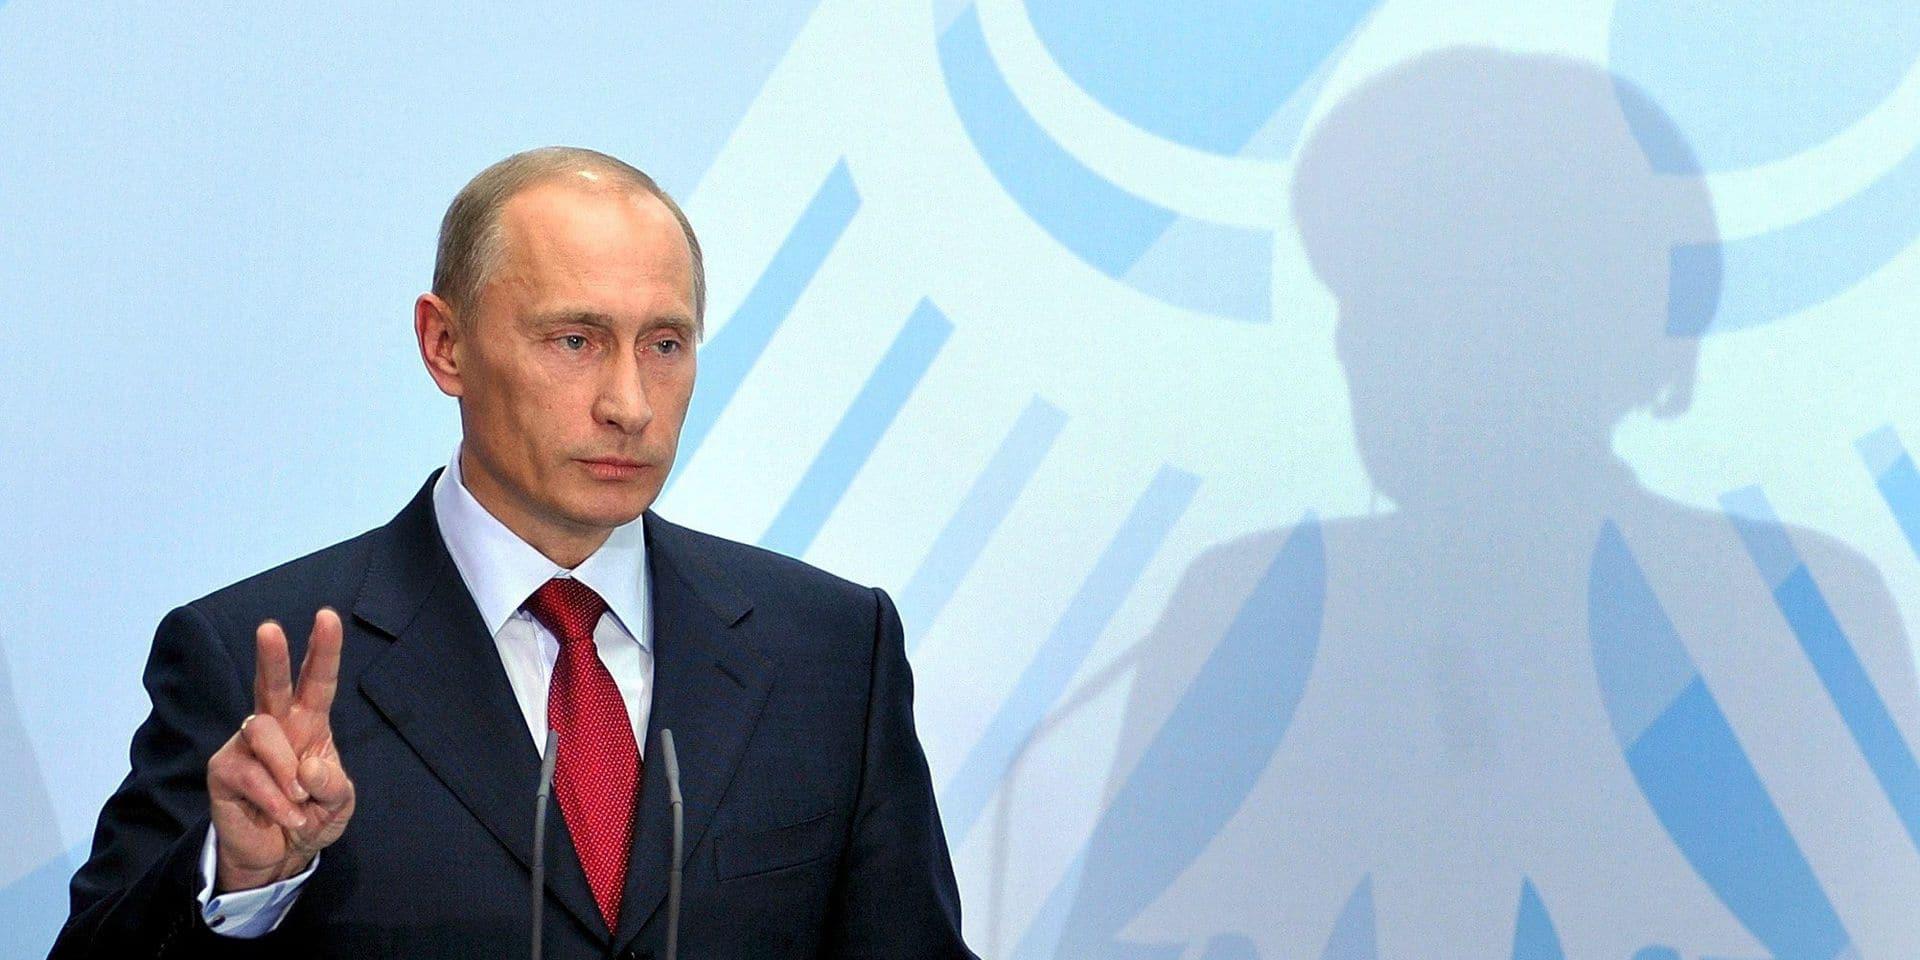 De quoi Poutine et Merkel vont-ils parler? Facile à deviner...